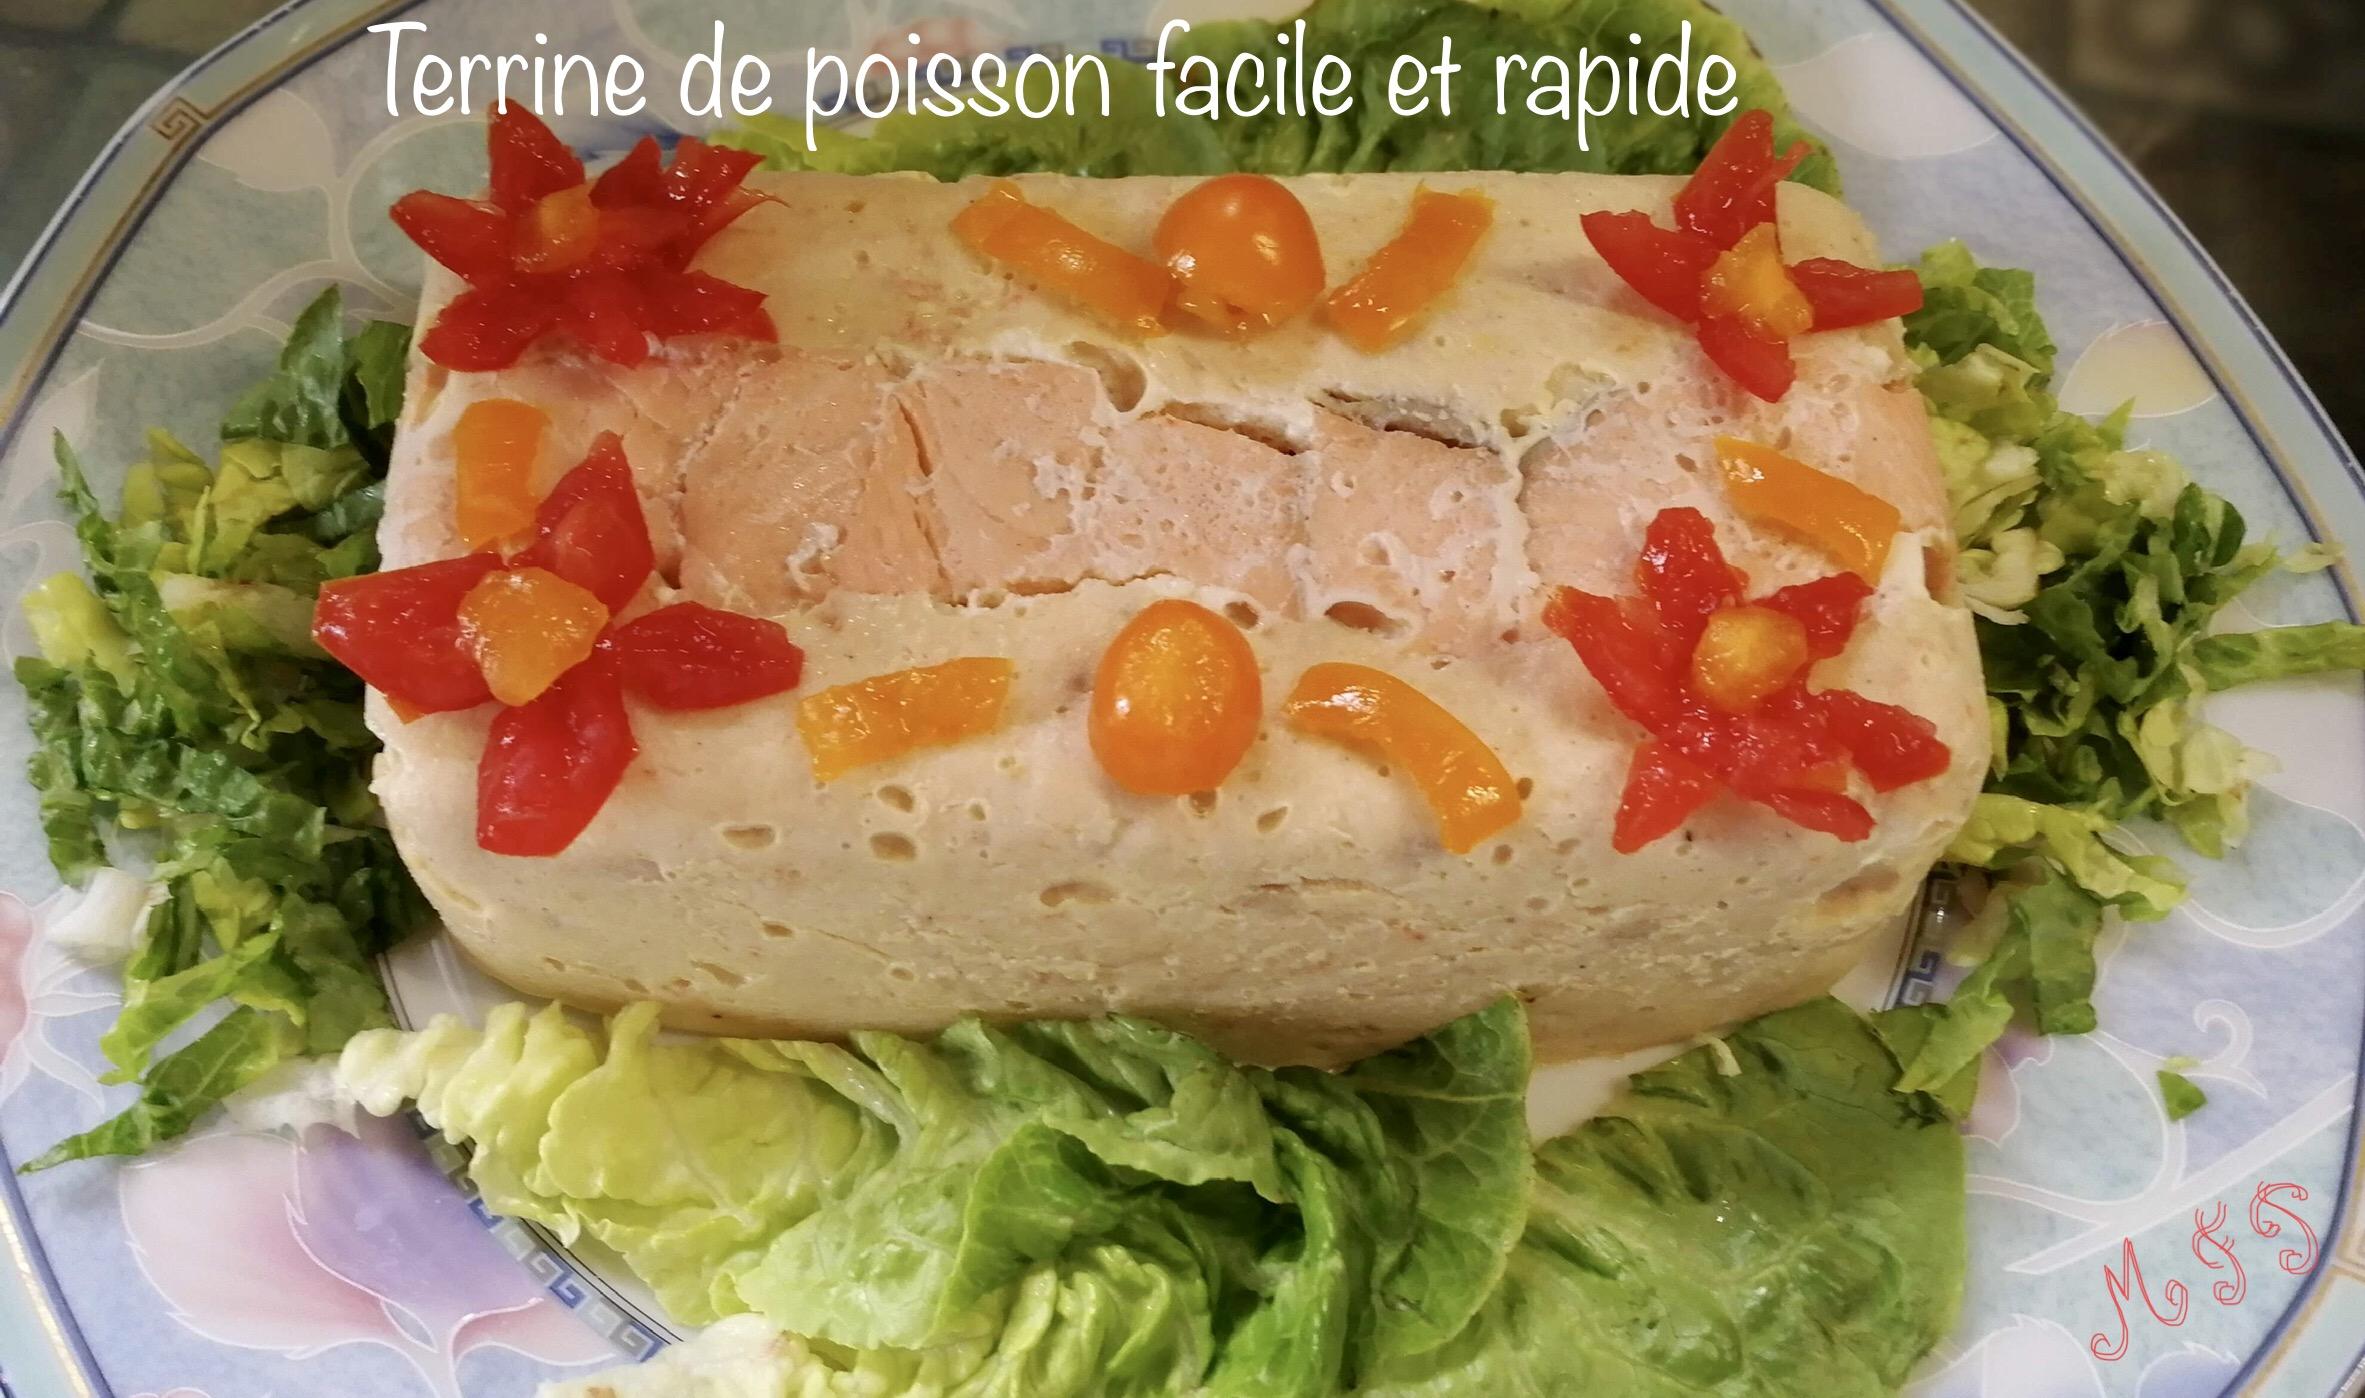 Terrine De Poisson Facile Et Rapide Recette Cookeo